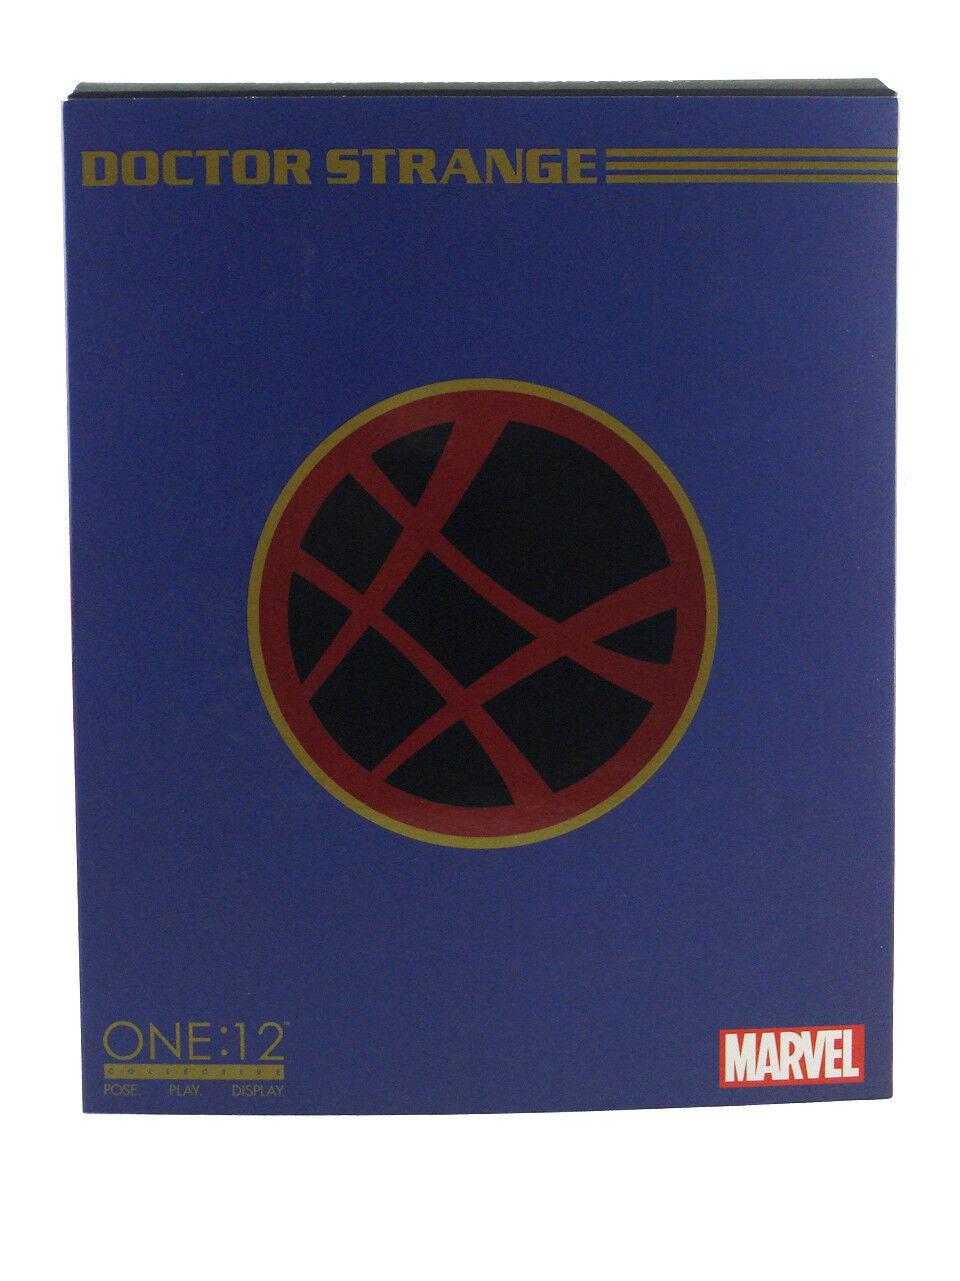 Mezco Juguetes Doctor Strange uno 12 figura de acción colectiva Marvel Comics Nuevo